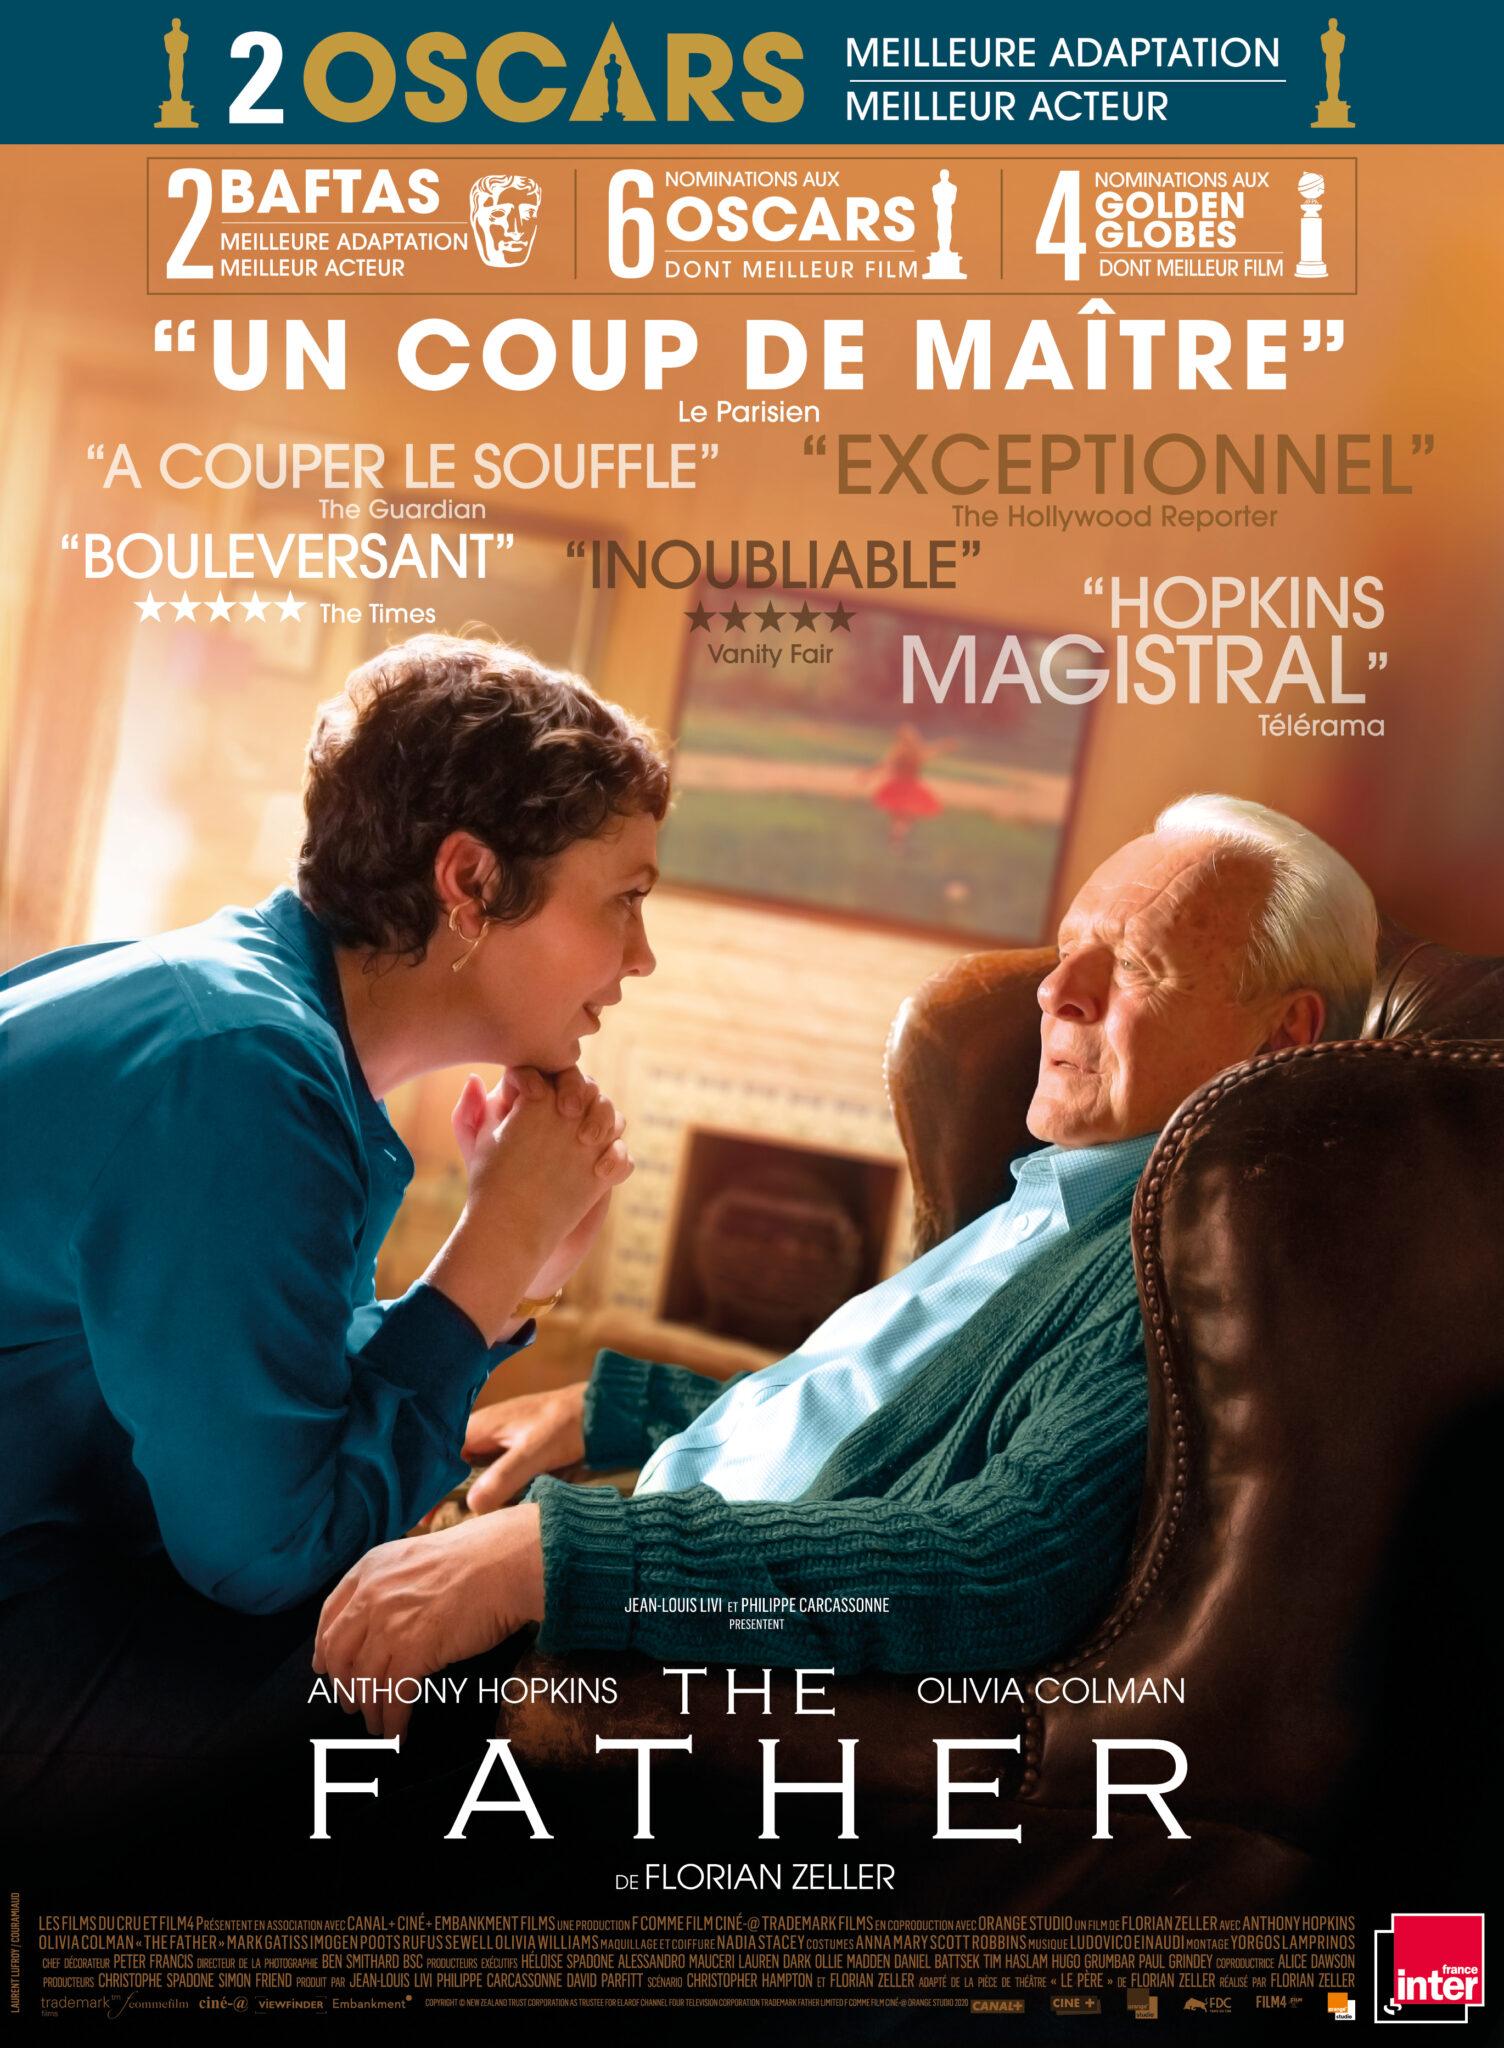 The Father affiche critique avis film